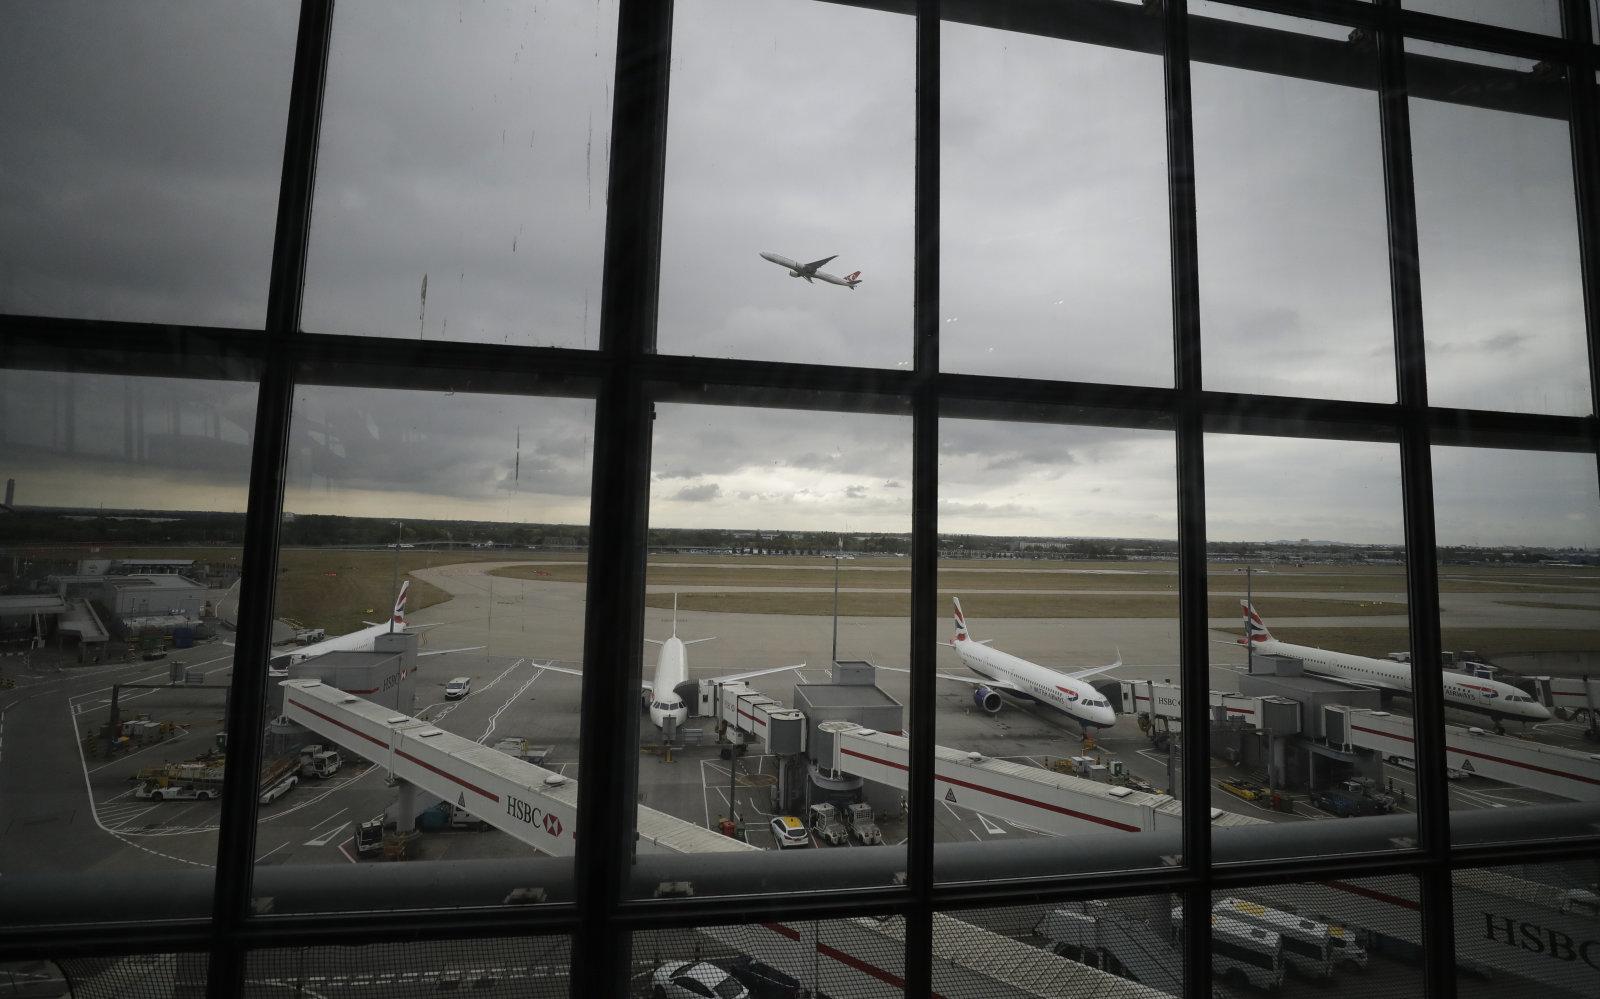 فرودگاه هیترو با سیستم ضد پهپاد خود با خلبانان آنها برخورد میکند